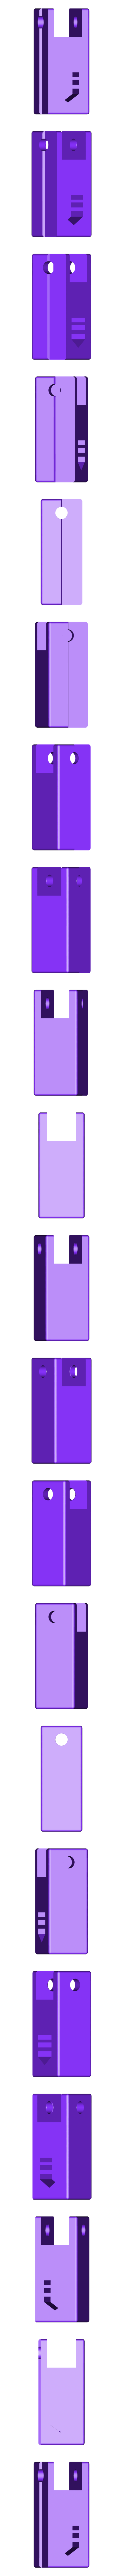 Forearm-Right-Red.stl Télécharger fichier STL gratuit Big Optimus Prime! - Modèle multi-matériaux • Plan pour imprimante 3D, ChaosCoreTech